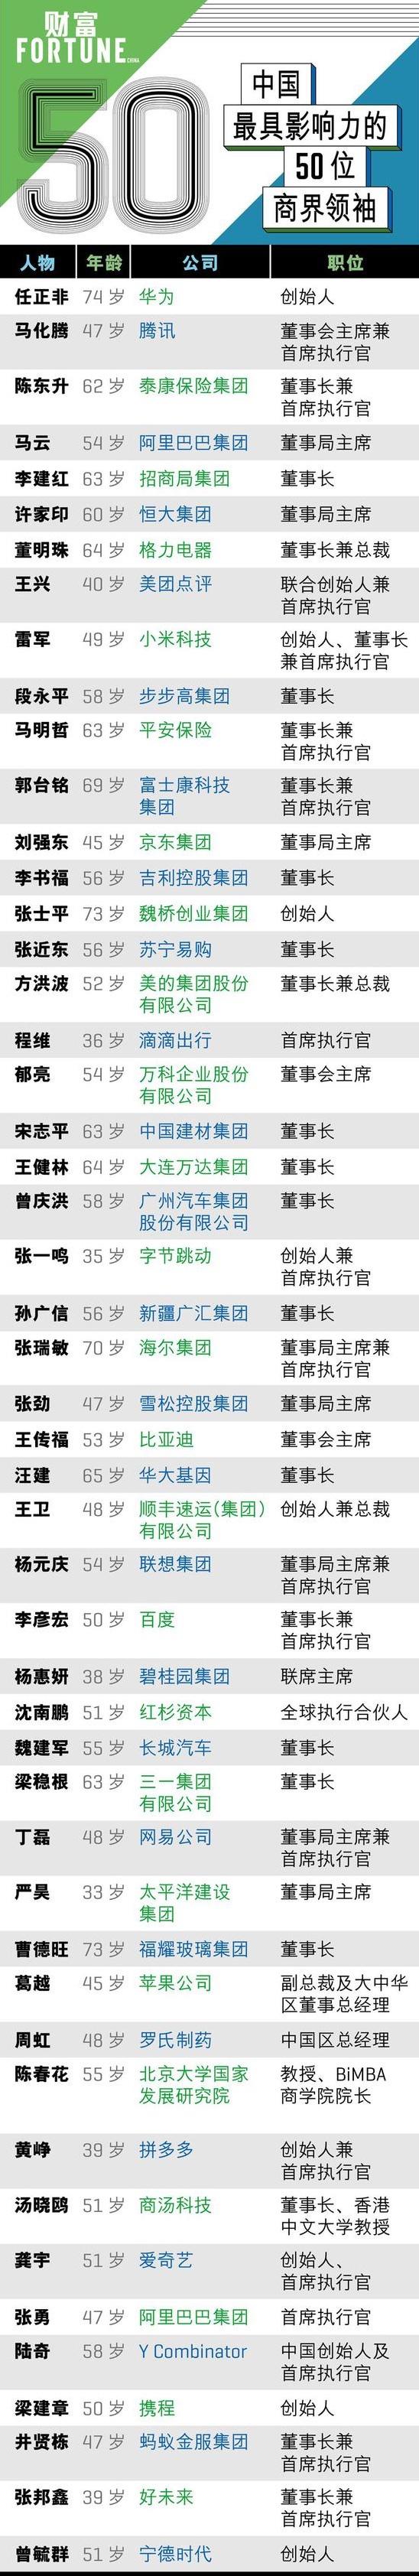 2019中国最具影响力商界领袖榜单:任正非居首、马化腾第二_王兴